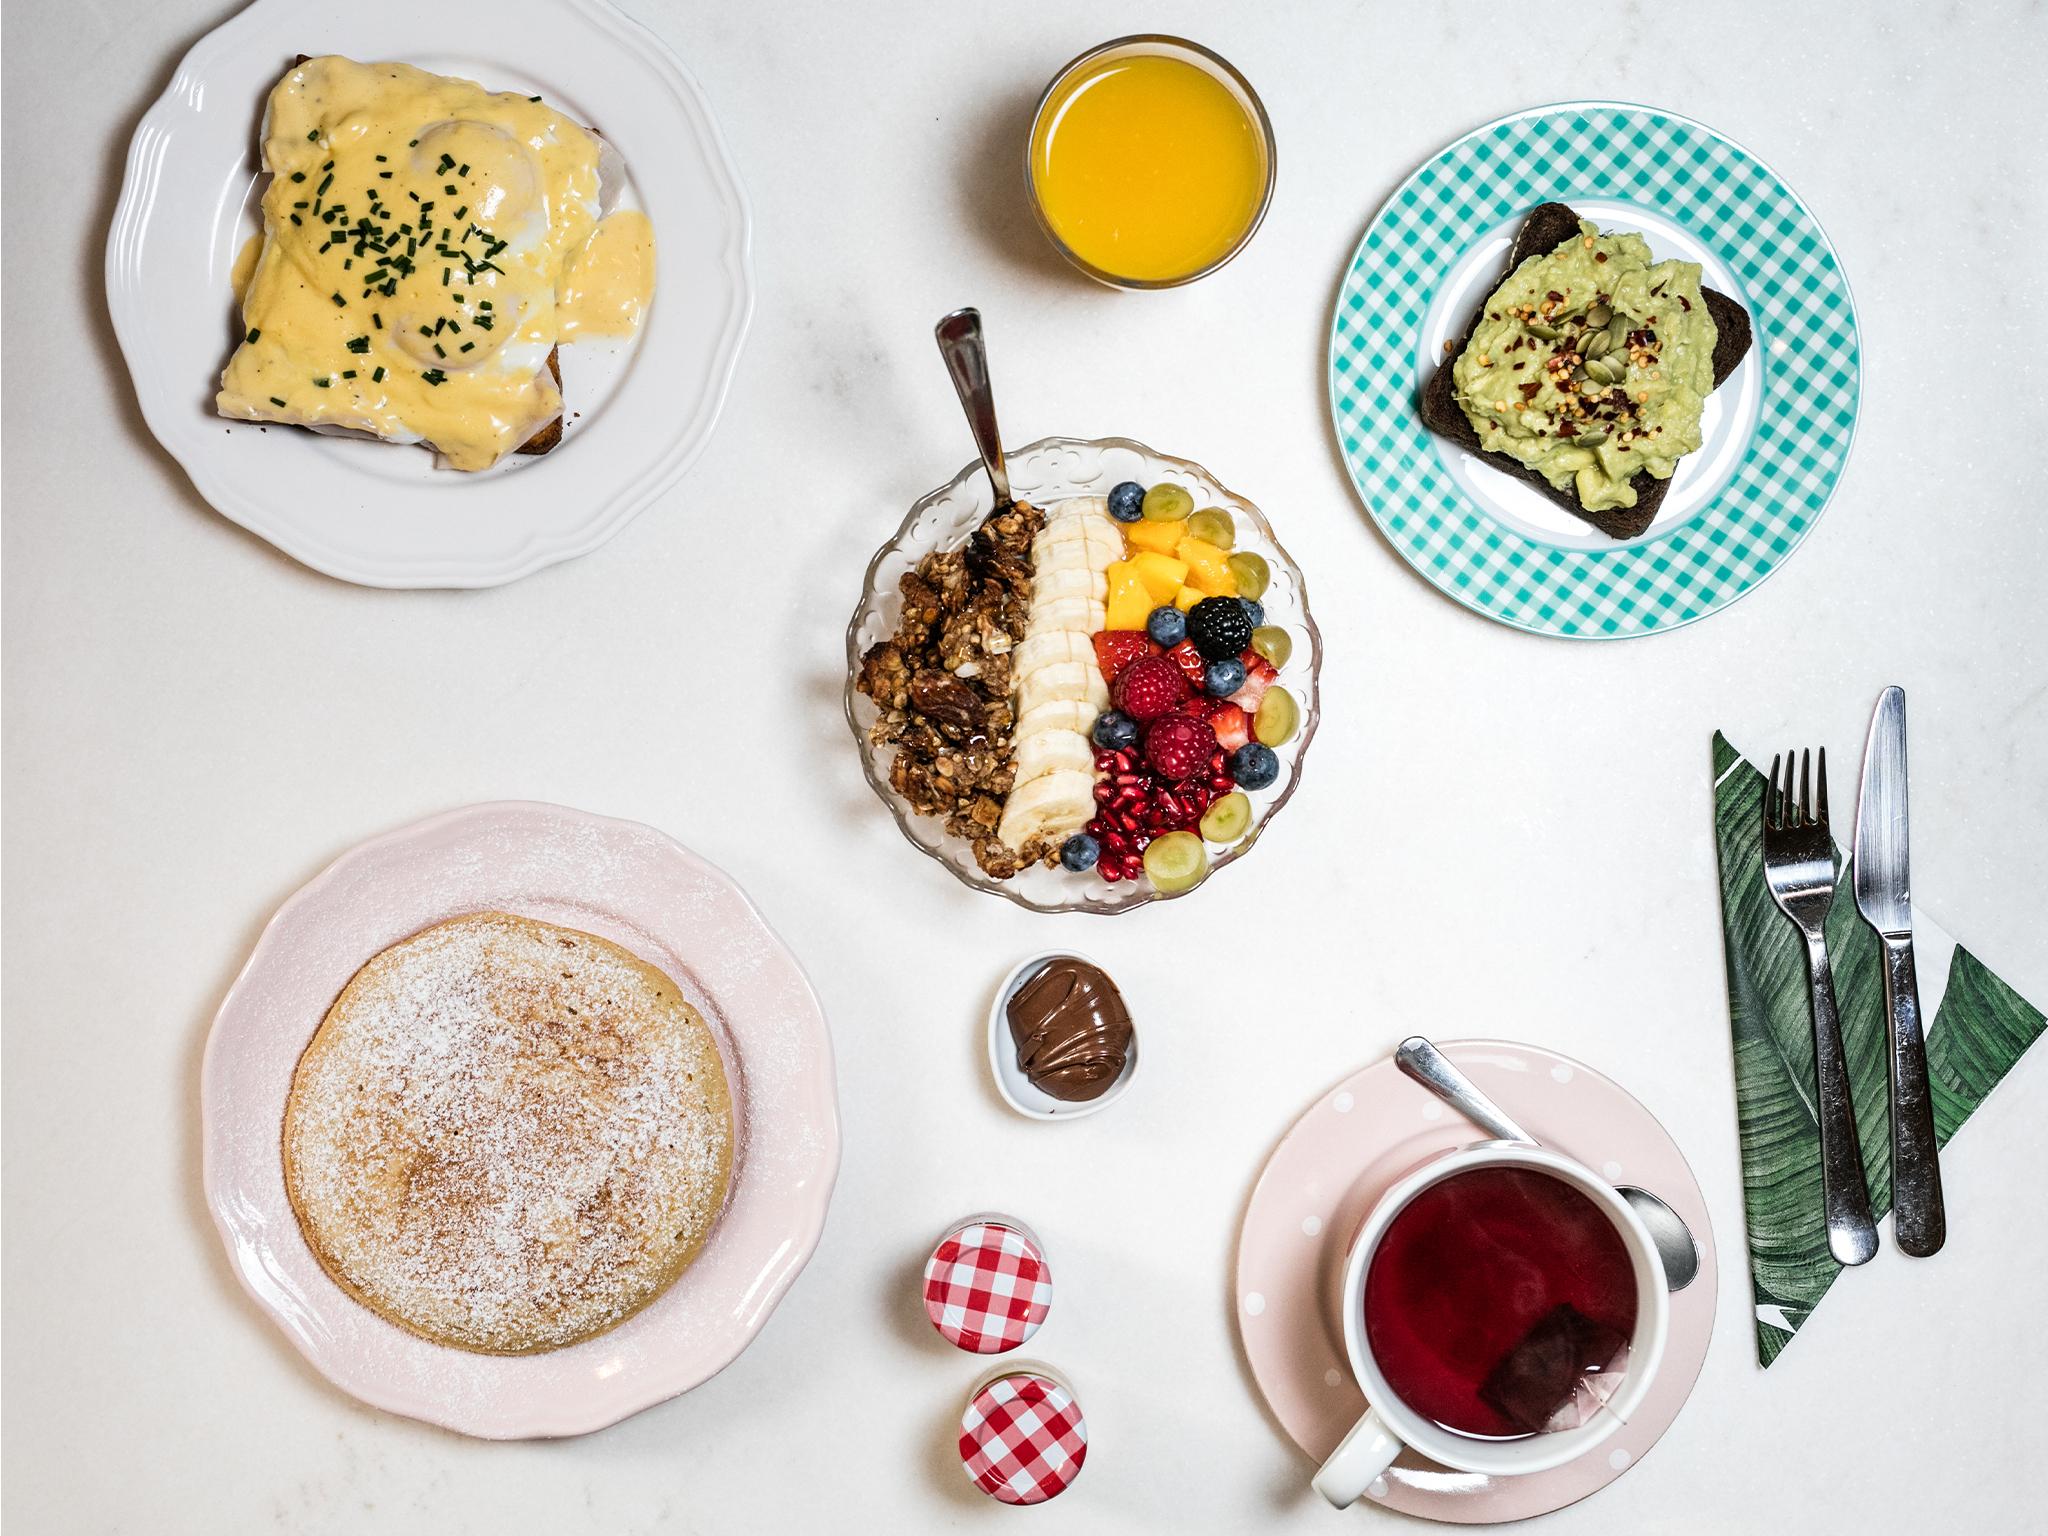 Tome o pequeno almoço no Nicolau Lisboa